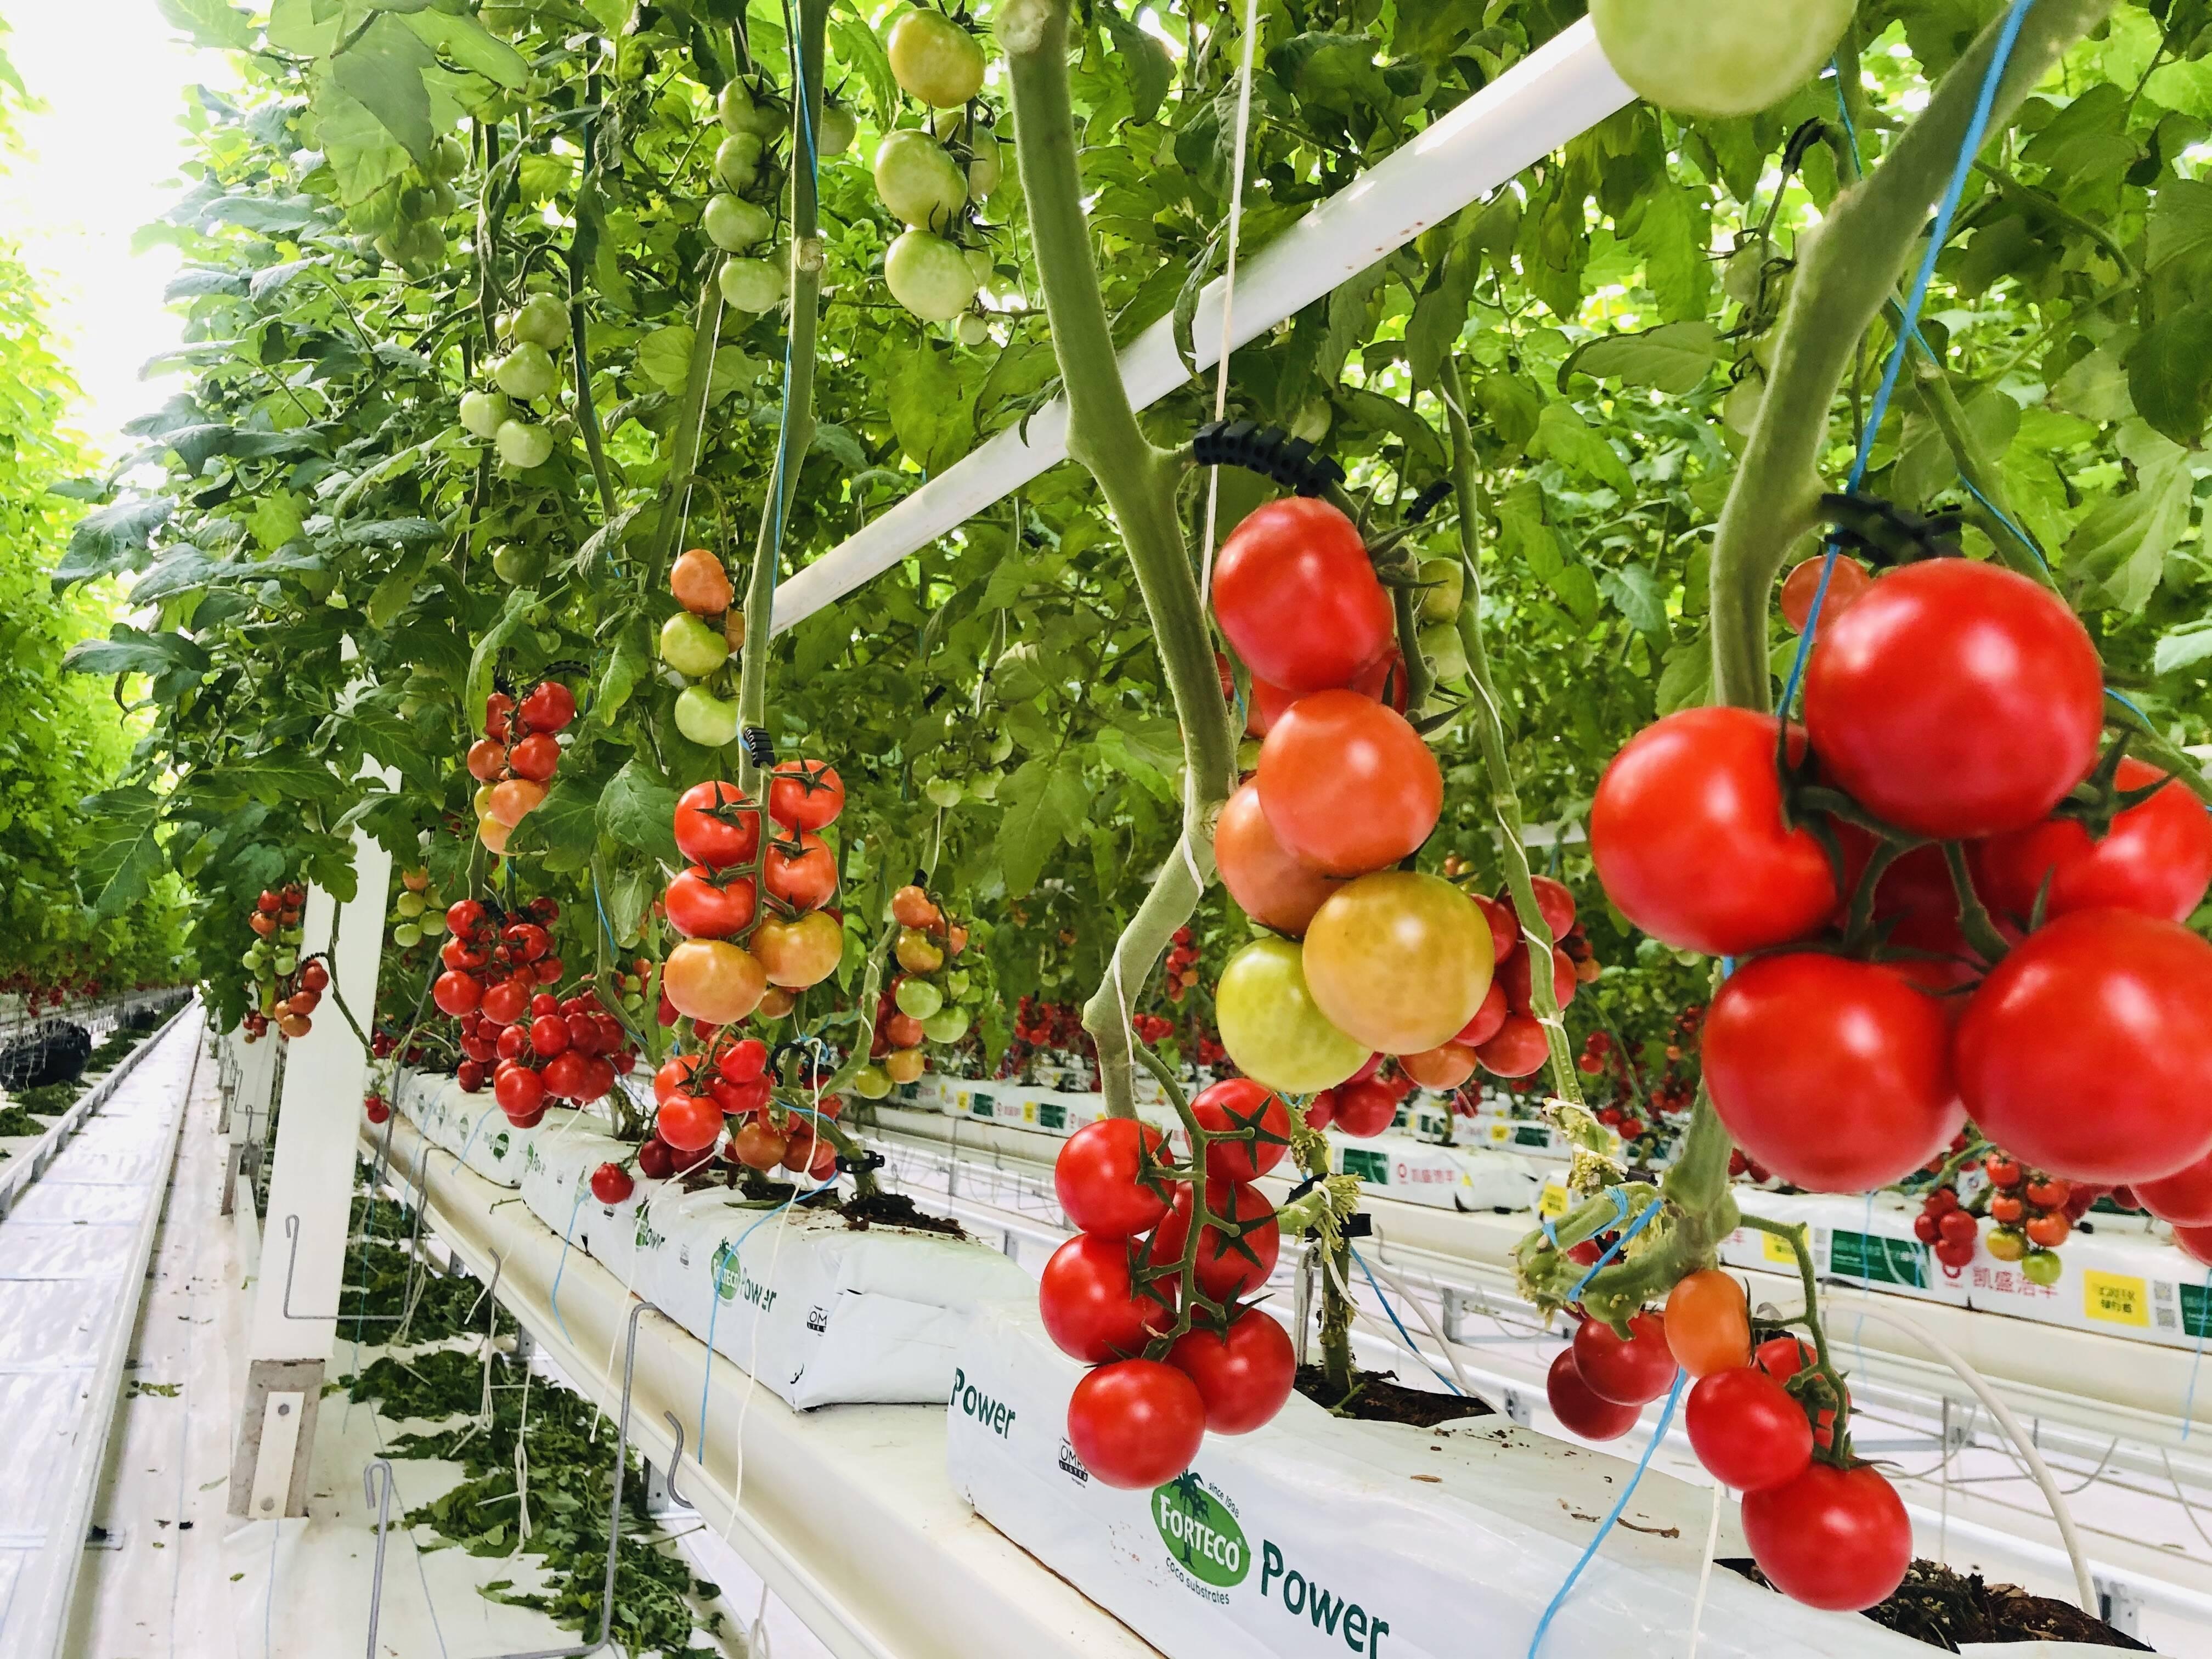 寒潮天气即将来袭,蔬菜如何管理?德州权威专家这份管理技术意见请收好